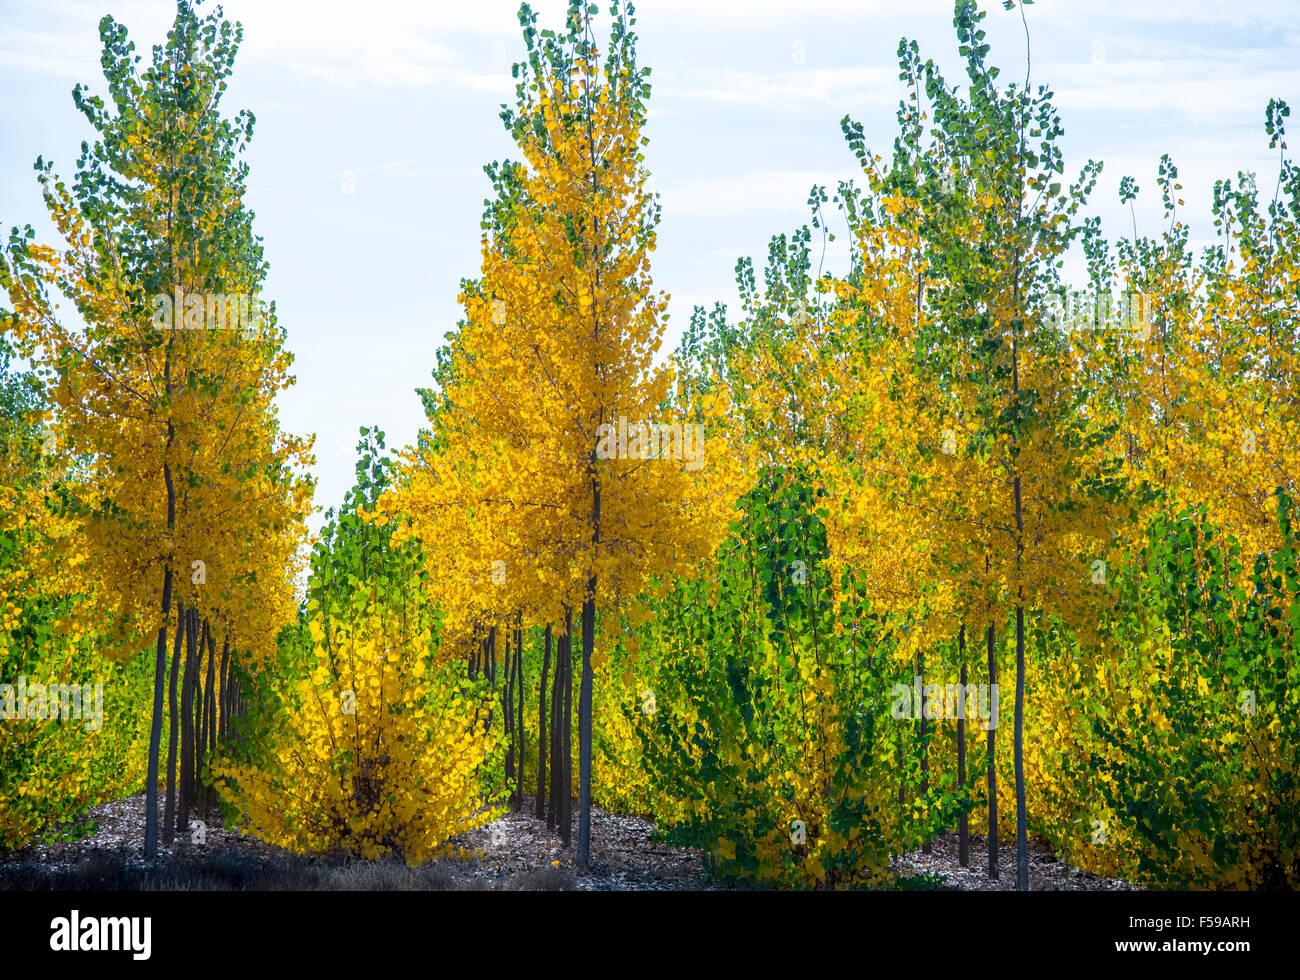 Boardman Tree Farm. Belles couleurs d'automne à travers shinning arbres peupliers hybrides à l'automne. Oregon Banque D'Images